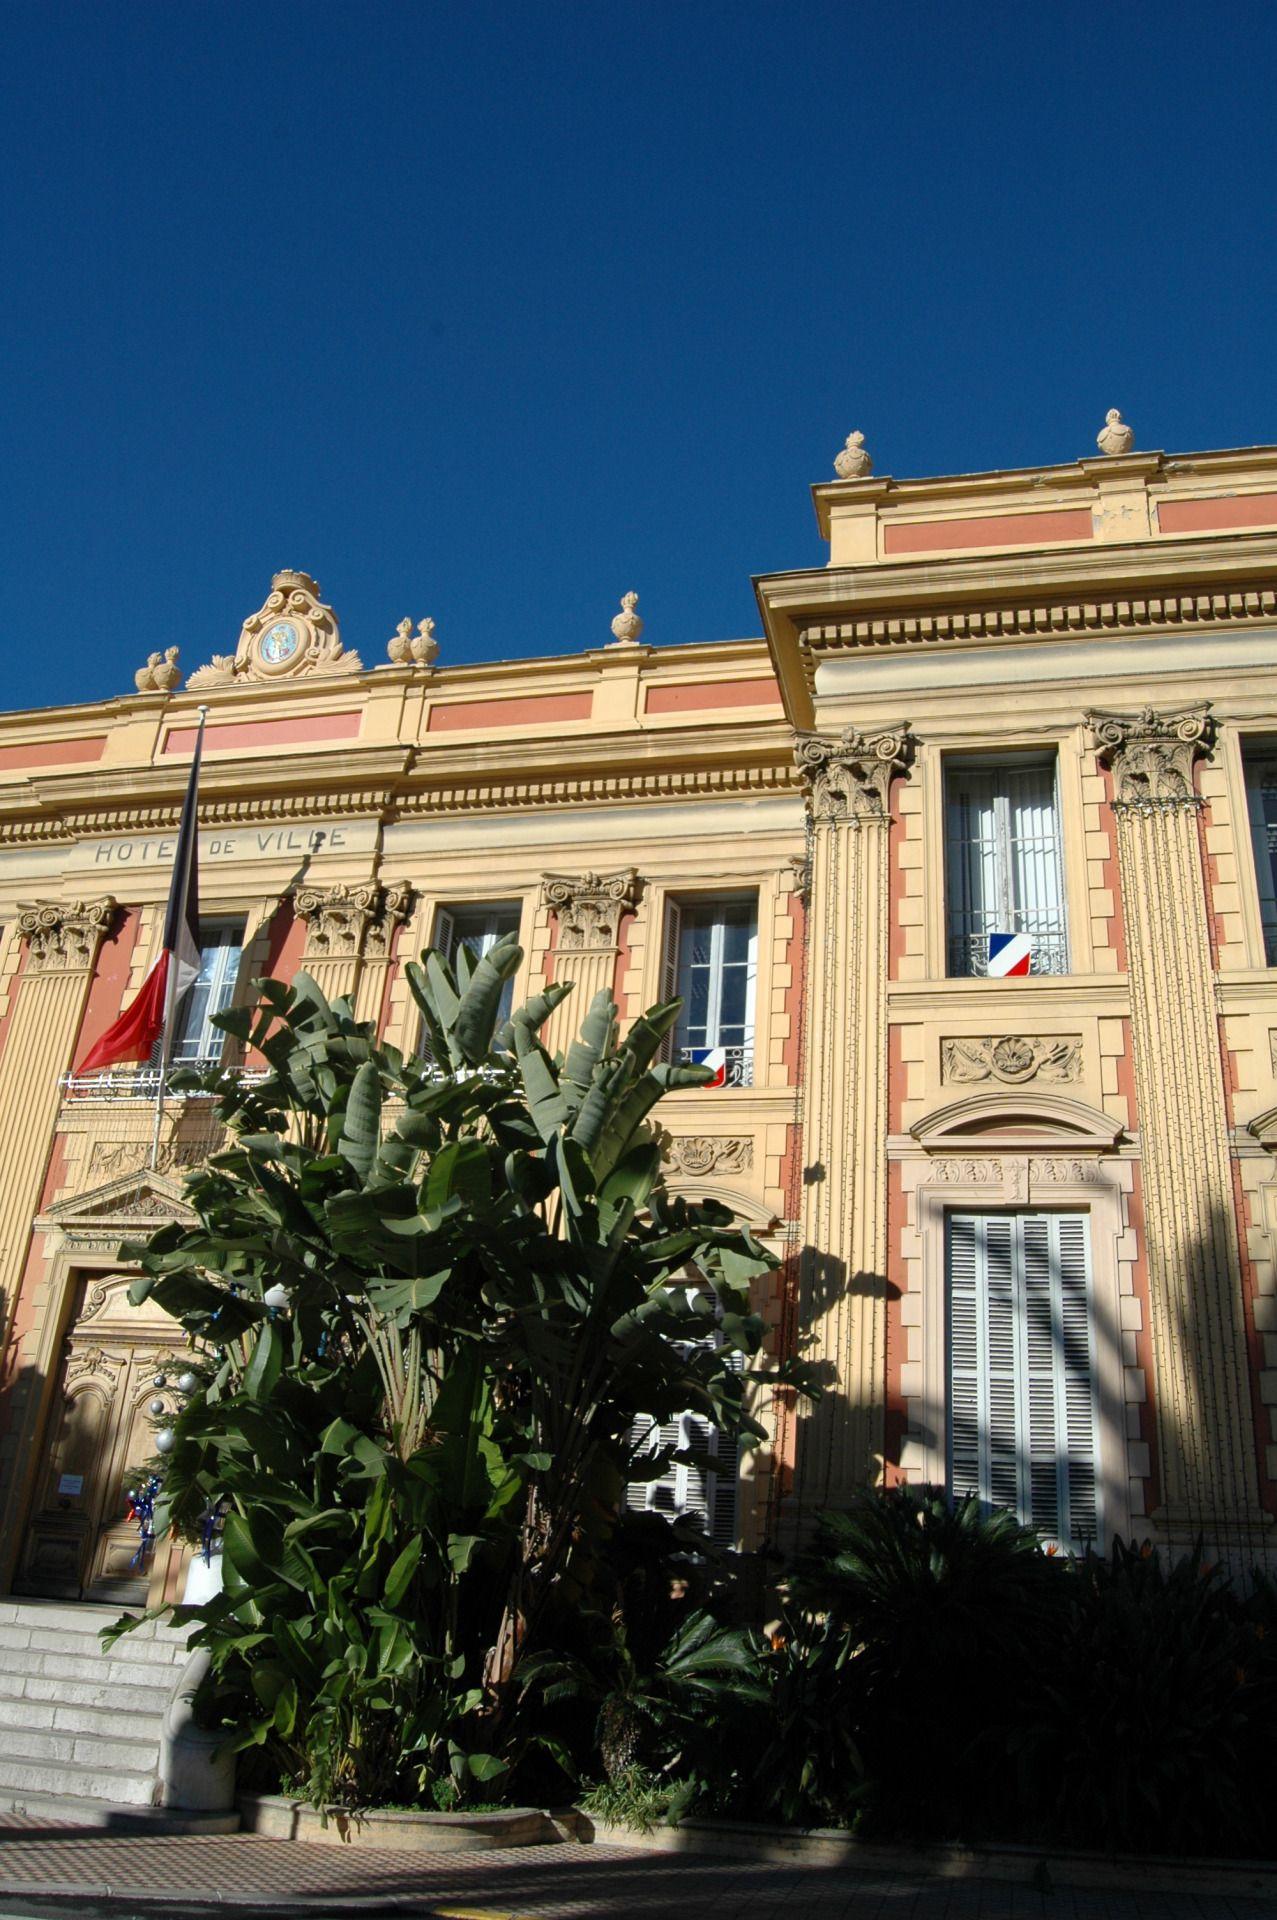 Mentone  Hotel de Ville